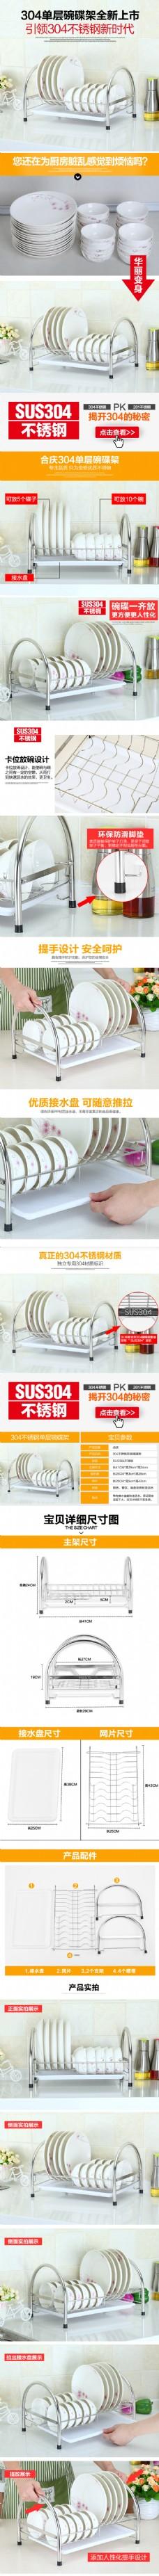 高端厨具用品详情页模板